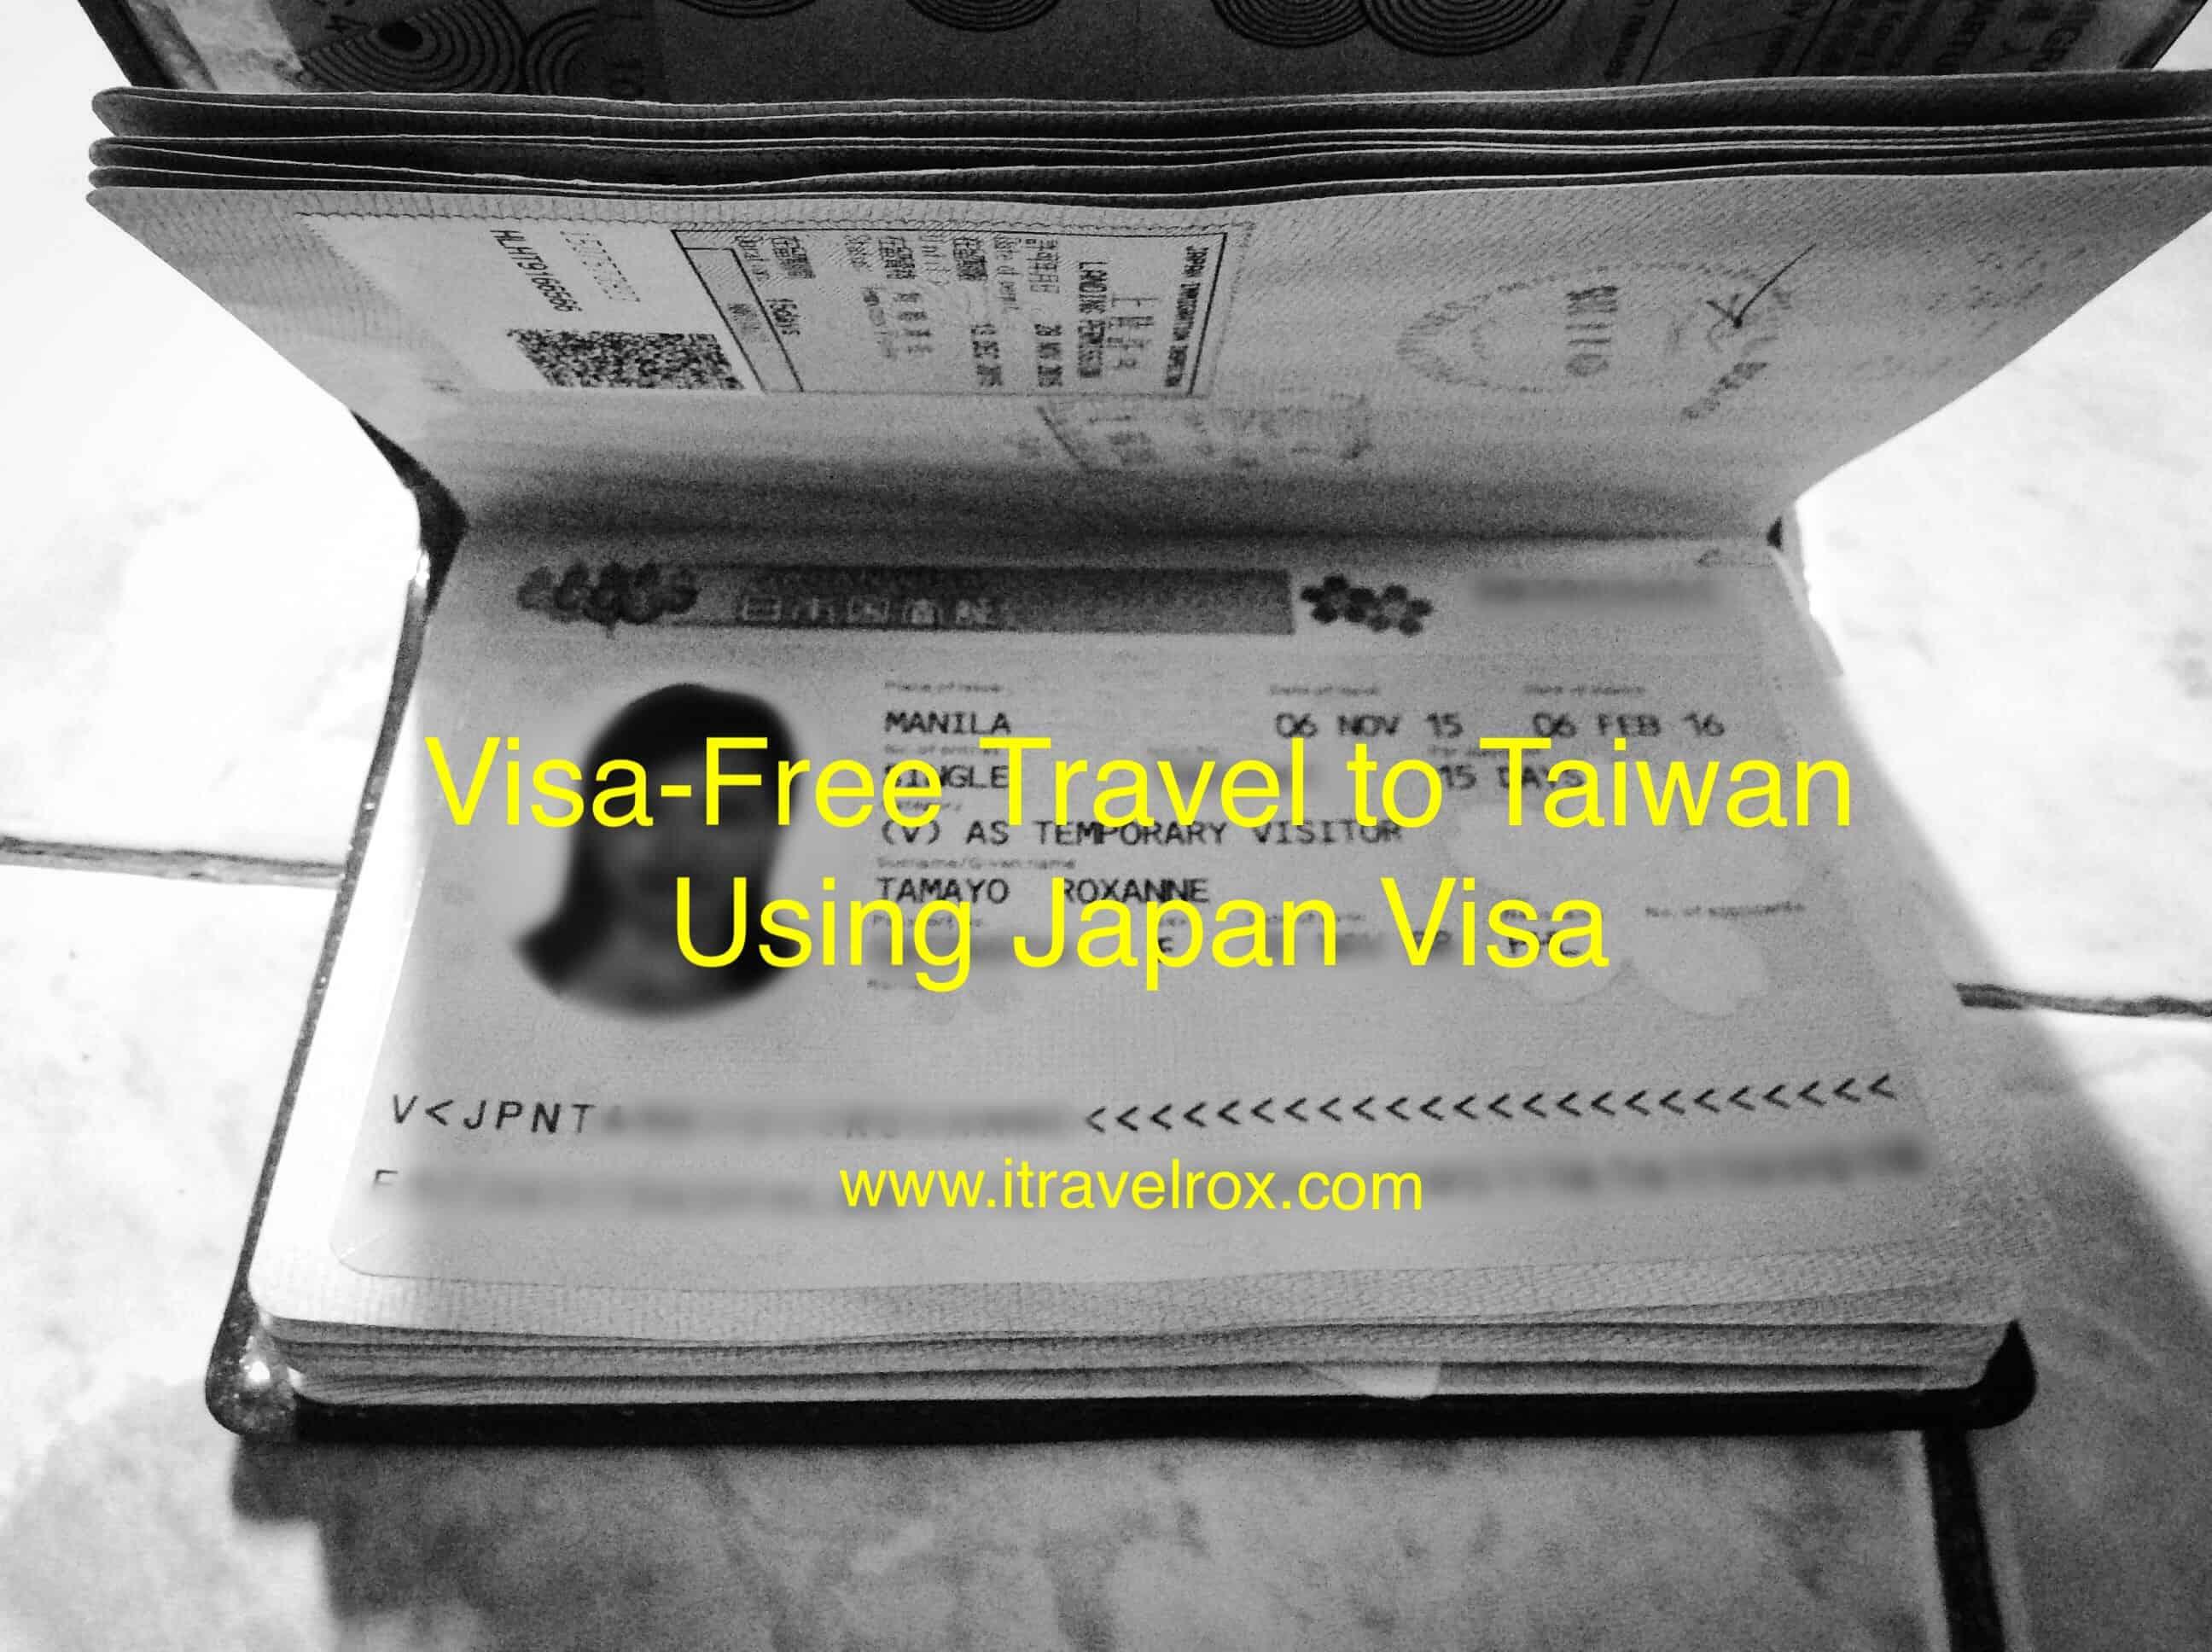 Visa Free Travel Taiwan Using Japan Visa For Philippines Passport Holders Itravelrox